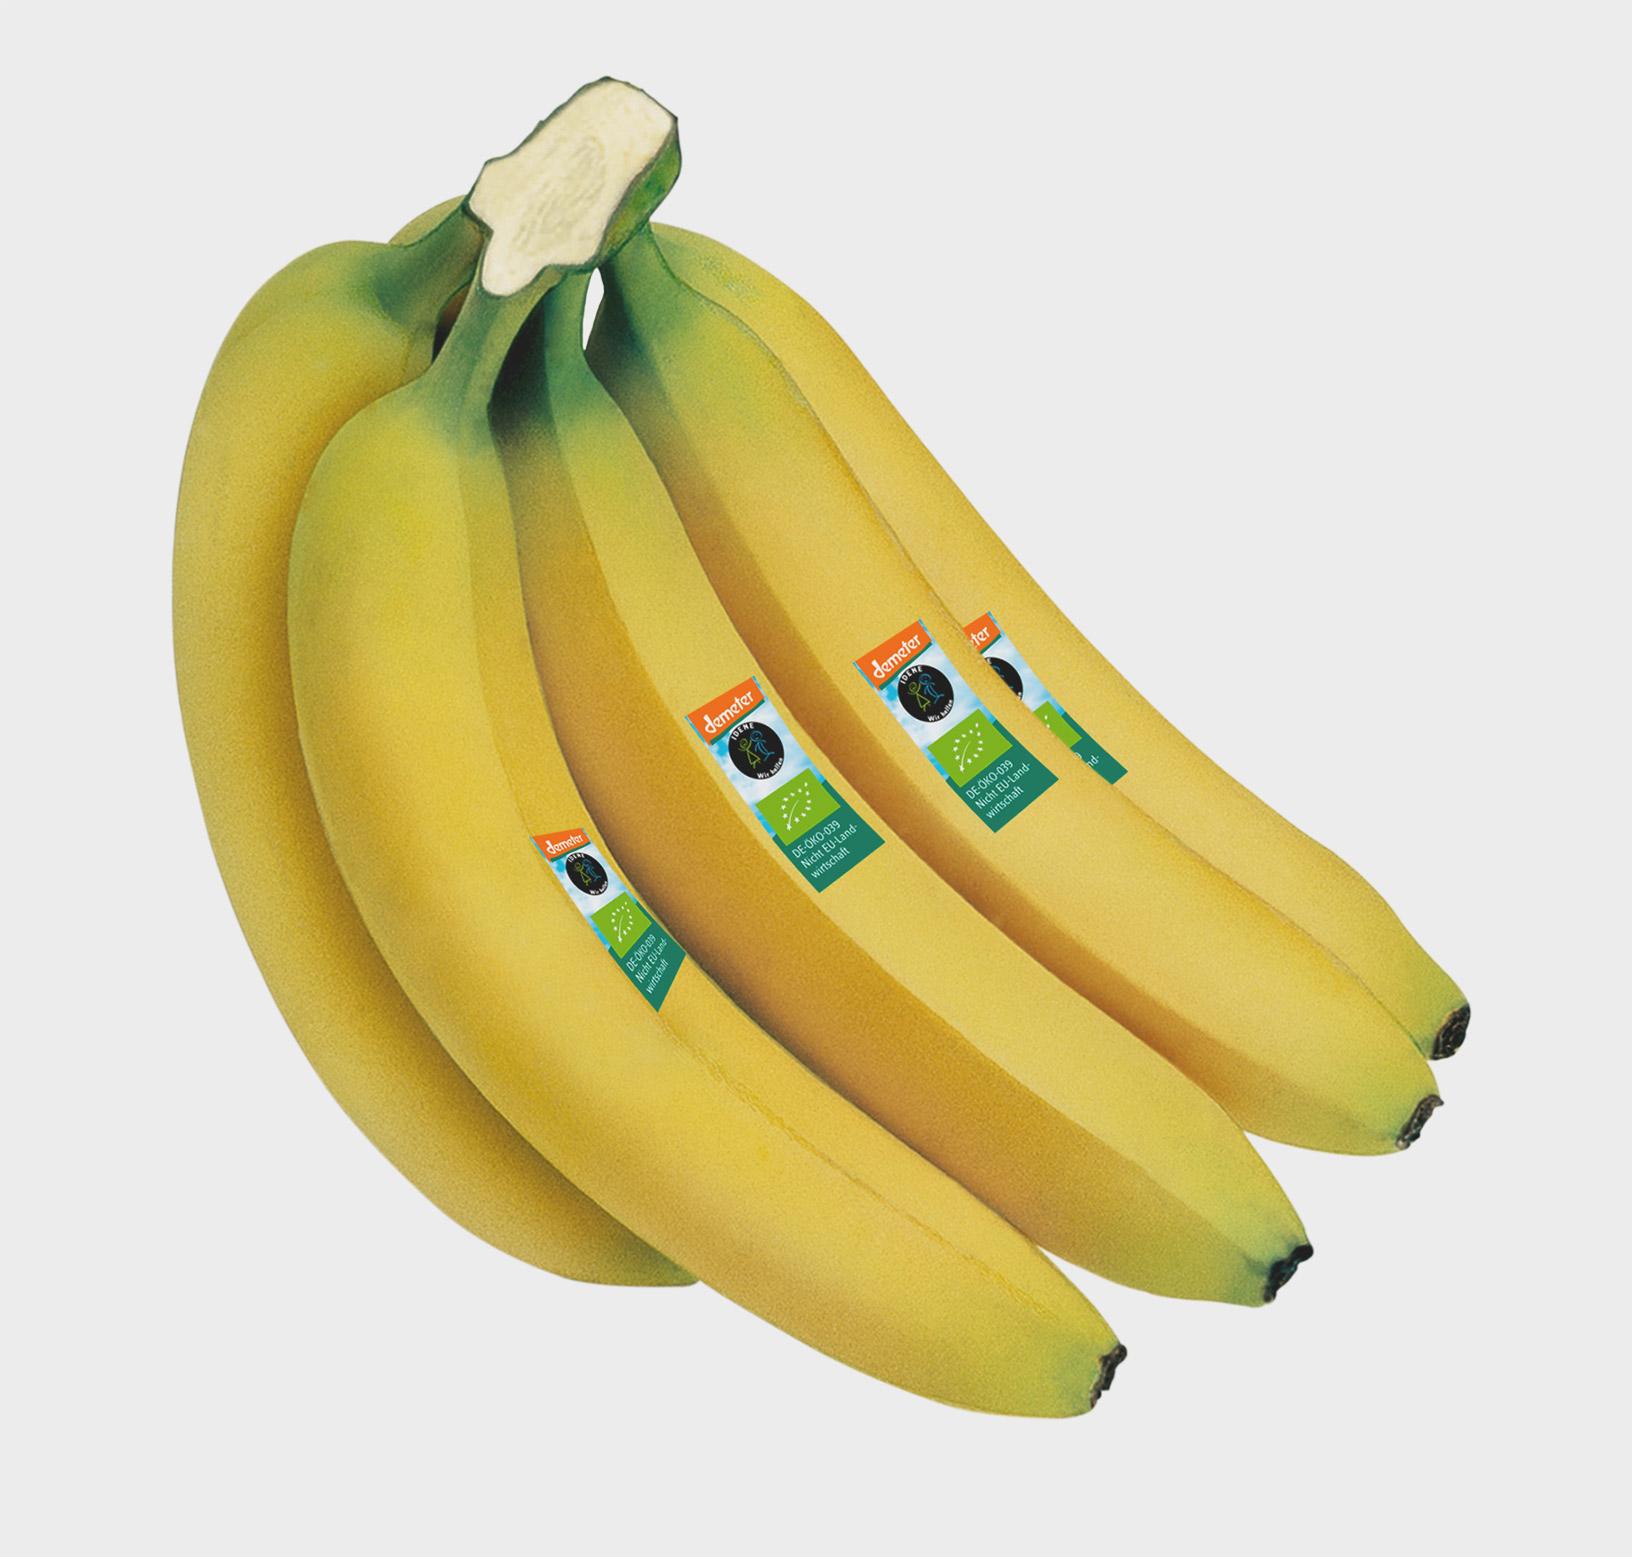 Fabelhaft Idene-Bananen jetzt in Demeter-Qualität - #zukunftleben @LK_51